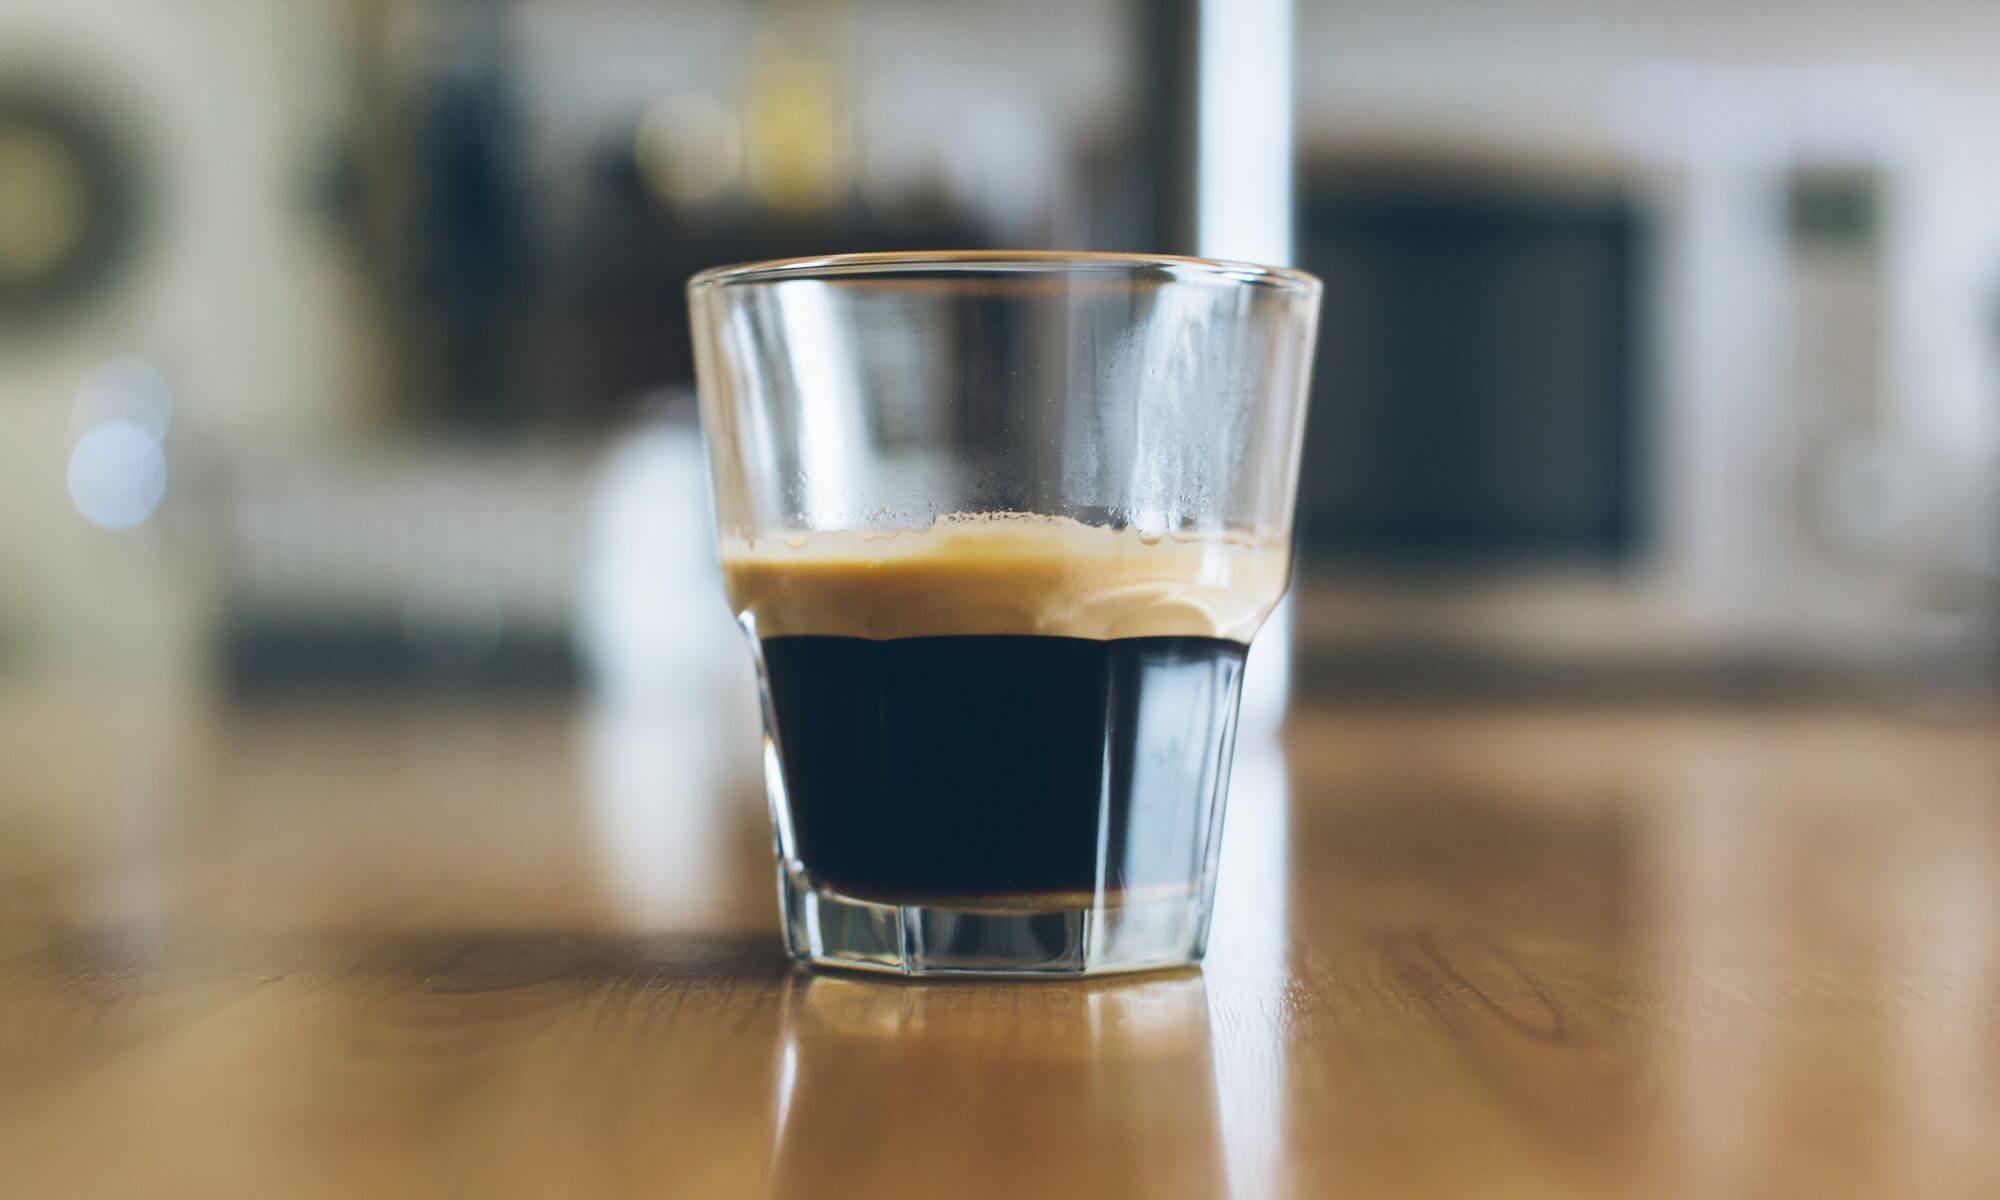 ただのコーヒーと侮ることなかれ